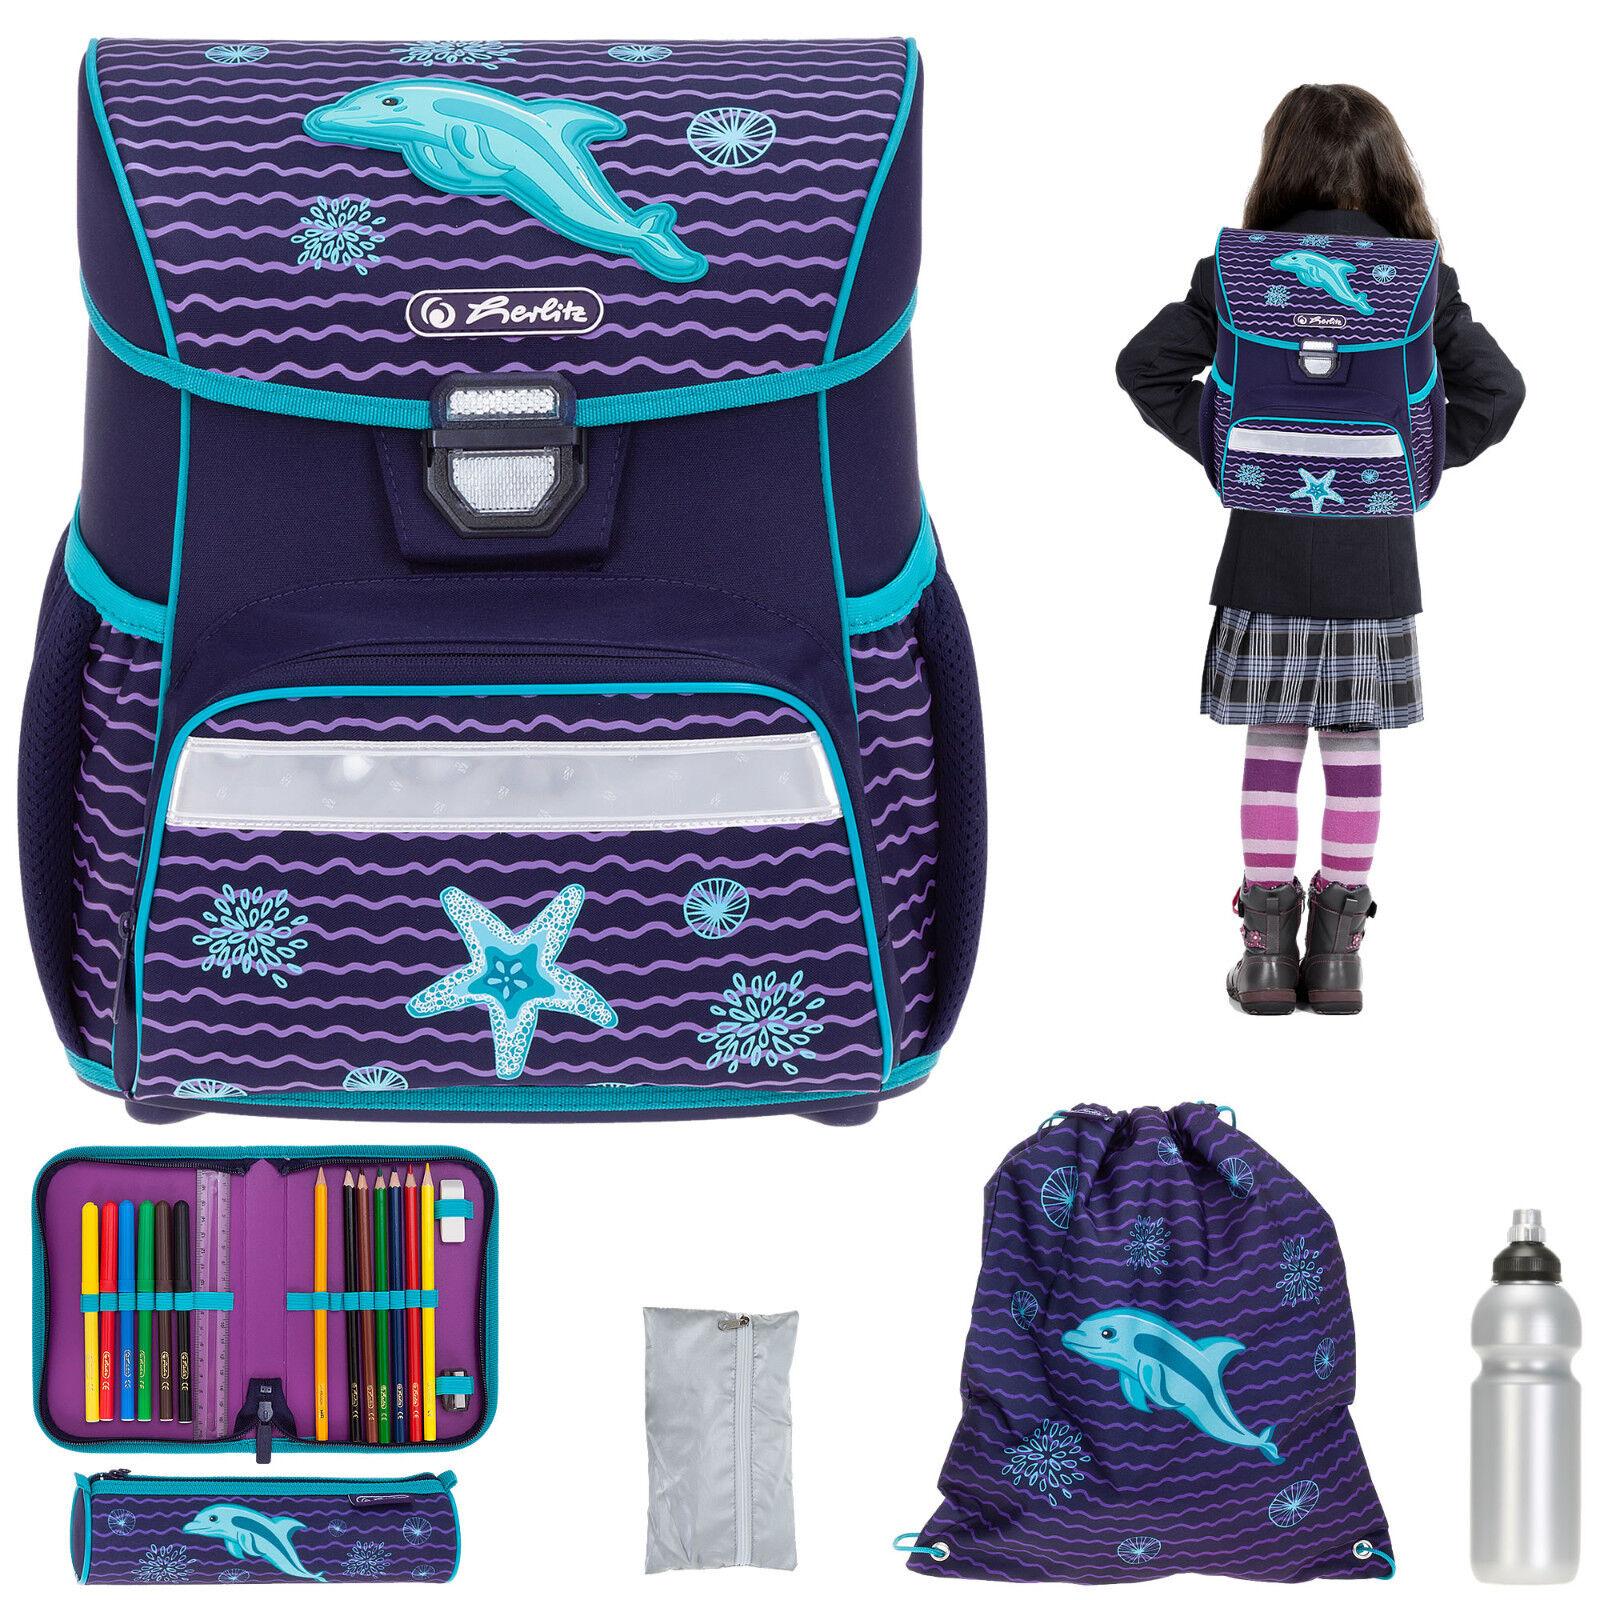 Schulmappe 6T Herlitz Loop Plus Ranzen Mädchen Schultornister Delfin Dolphin rf | Starker Wert  | Angenehmes Aussehen  | Praktisch Und Wirtschaftlich